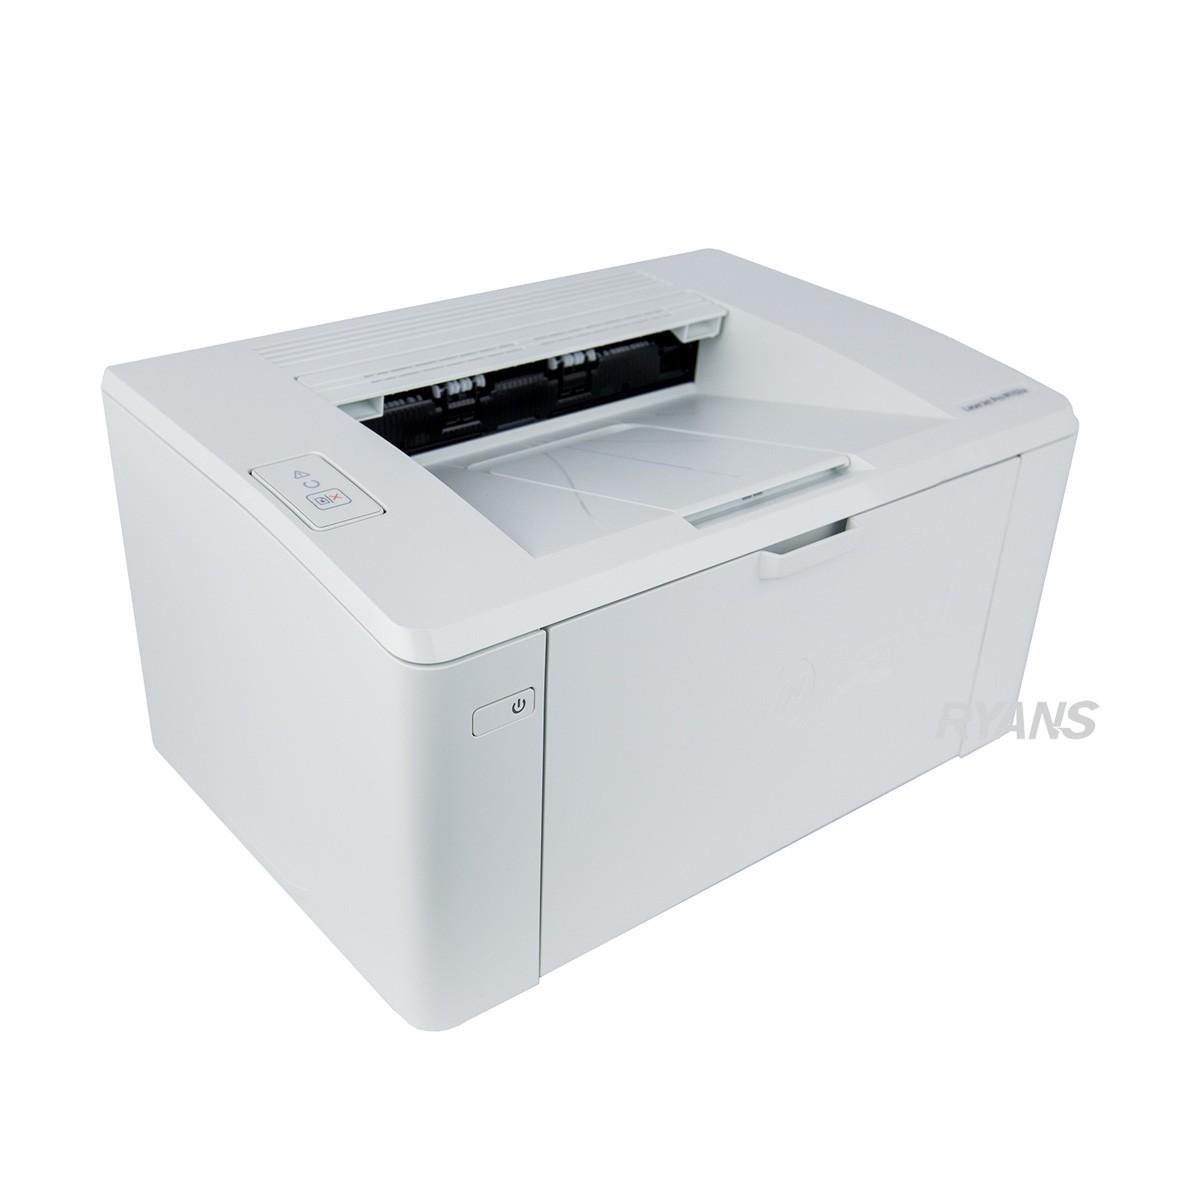 (GIÁ TỐT )Máy in đơn năng laser đen trắng HP M102 - bảo hành 12 tháng